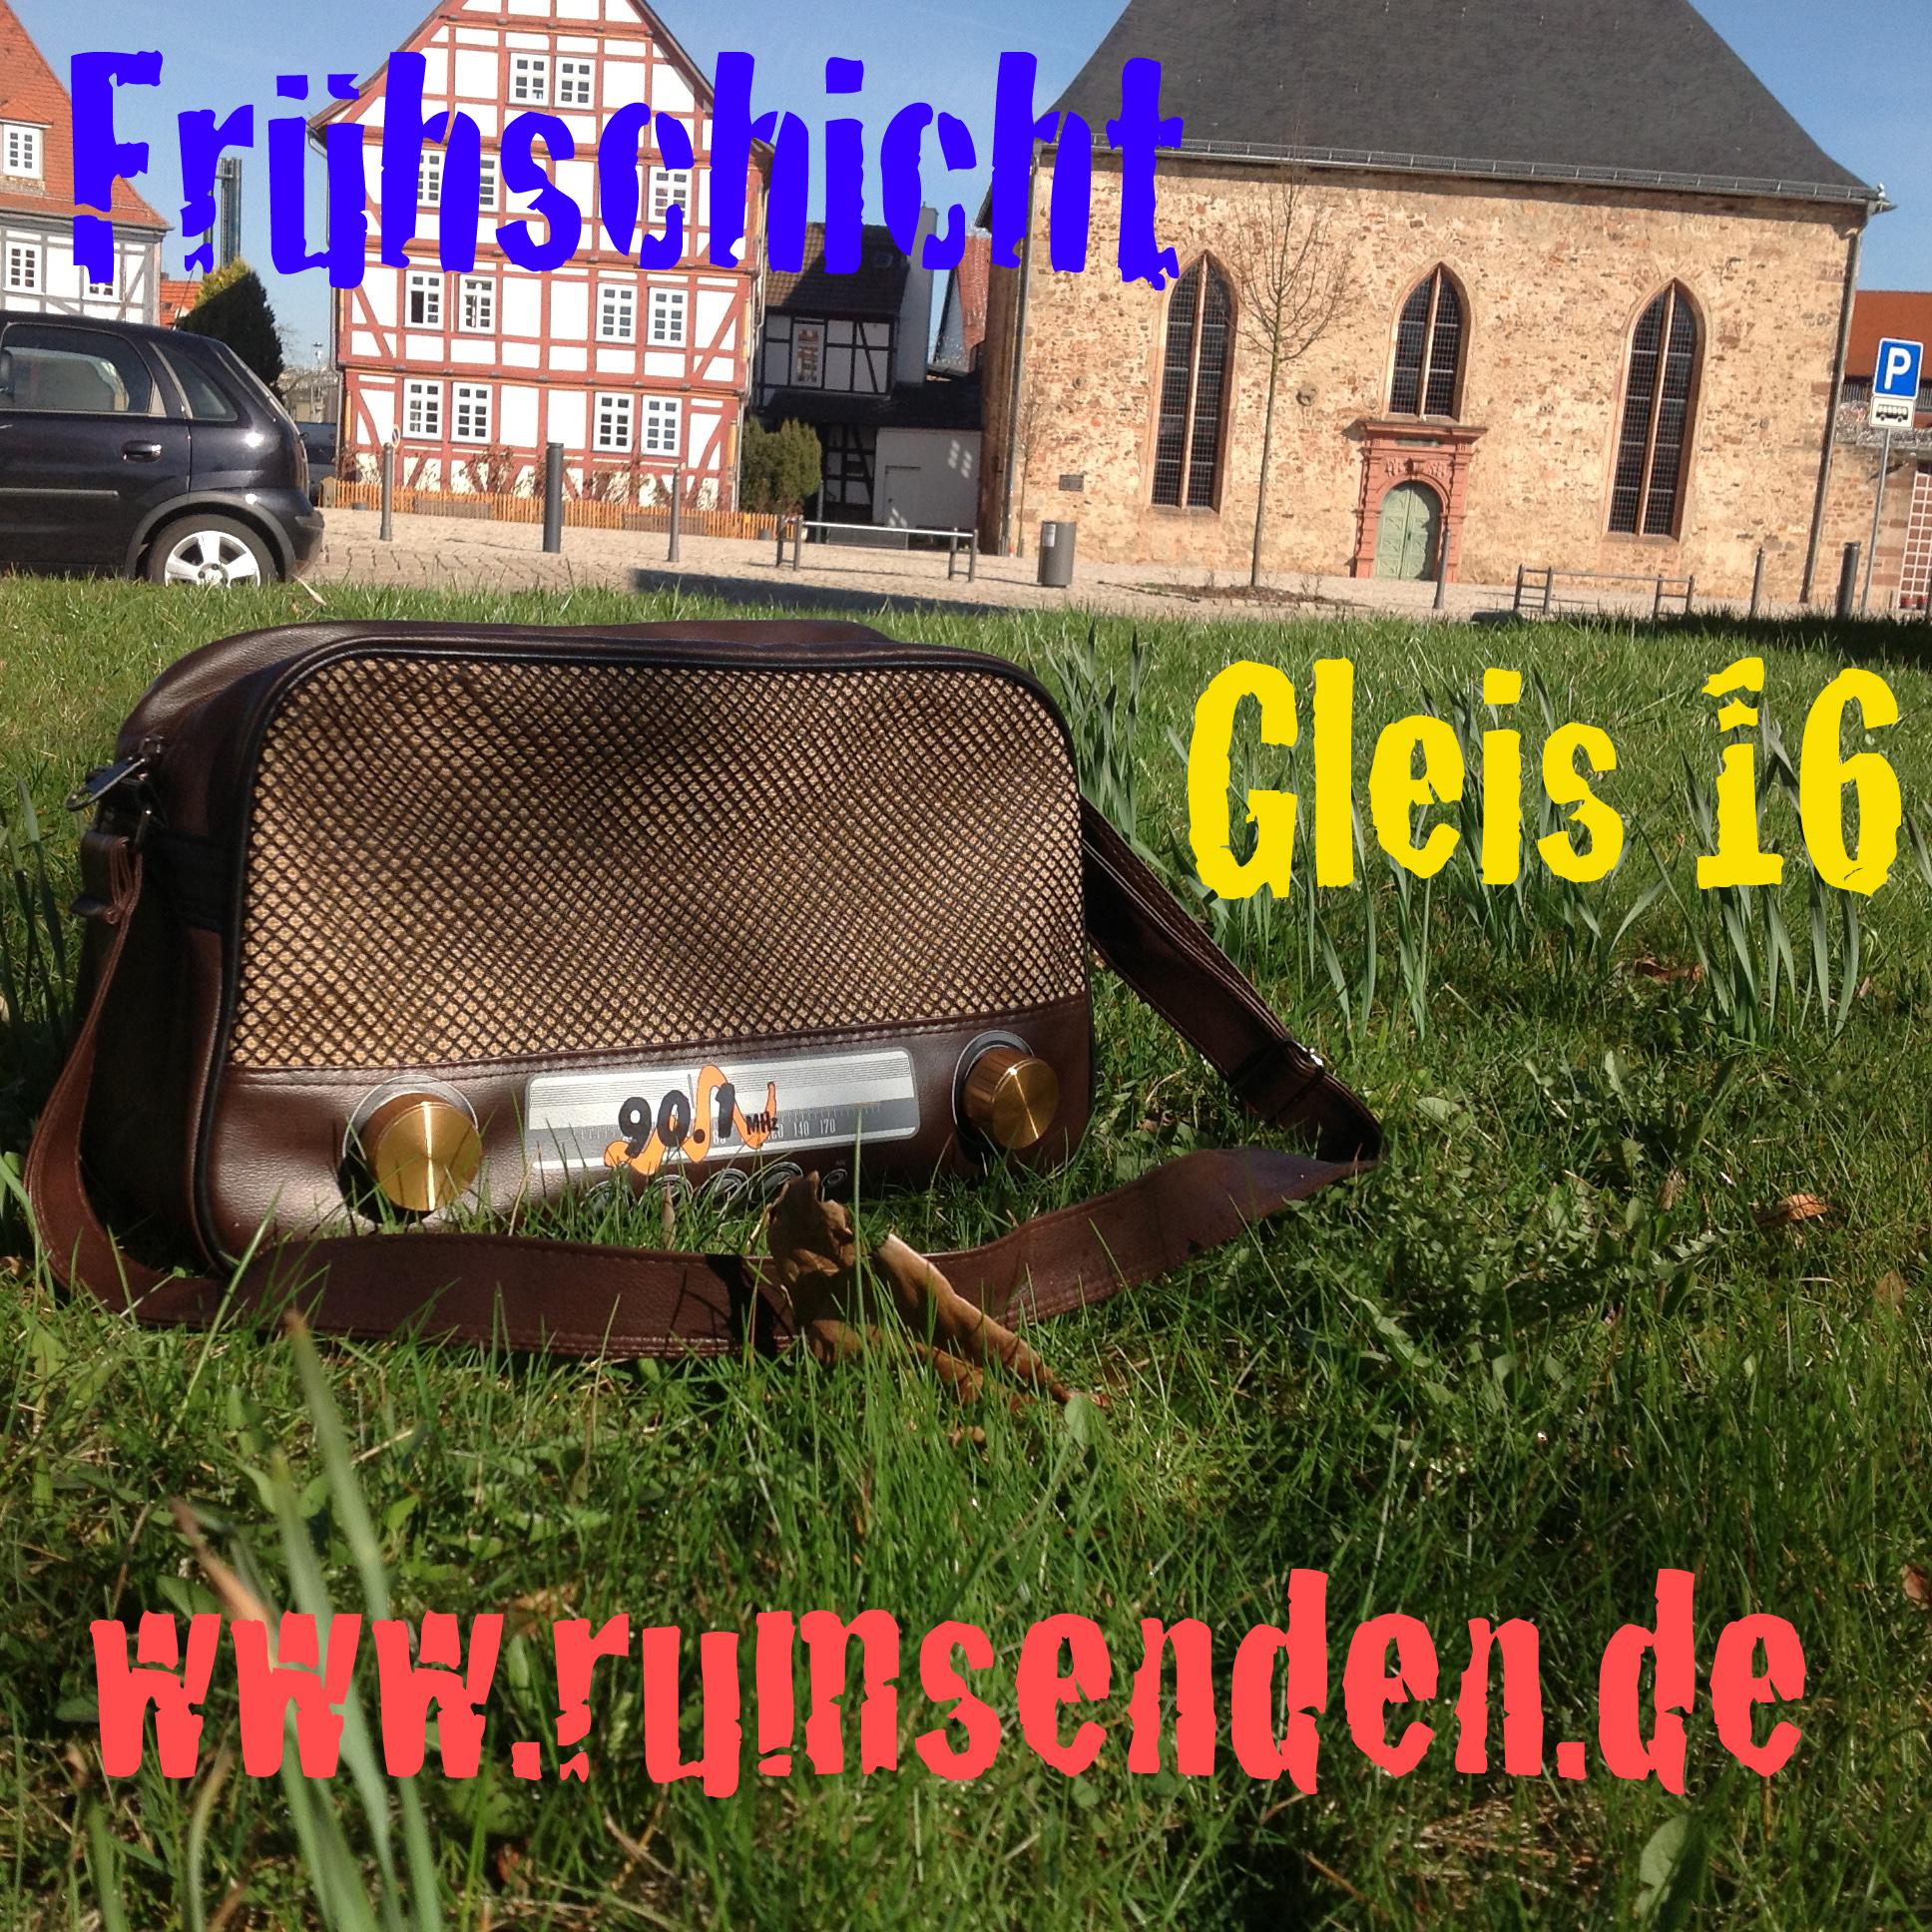 Frühschicht und Gleis 16 – rumsenden.de